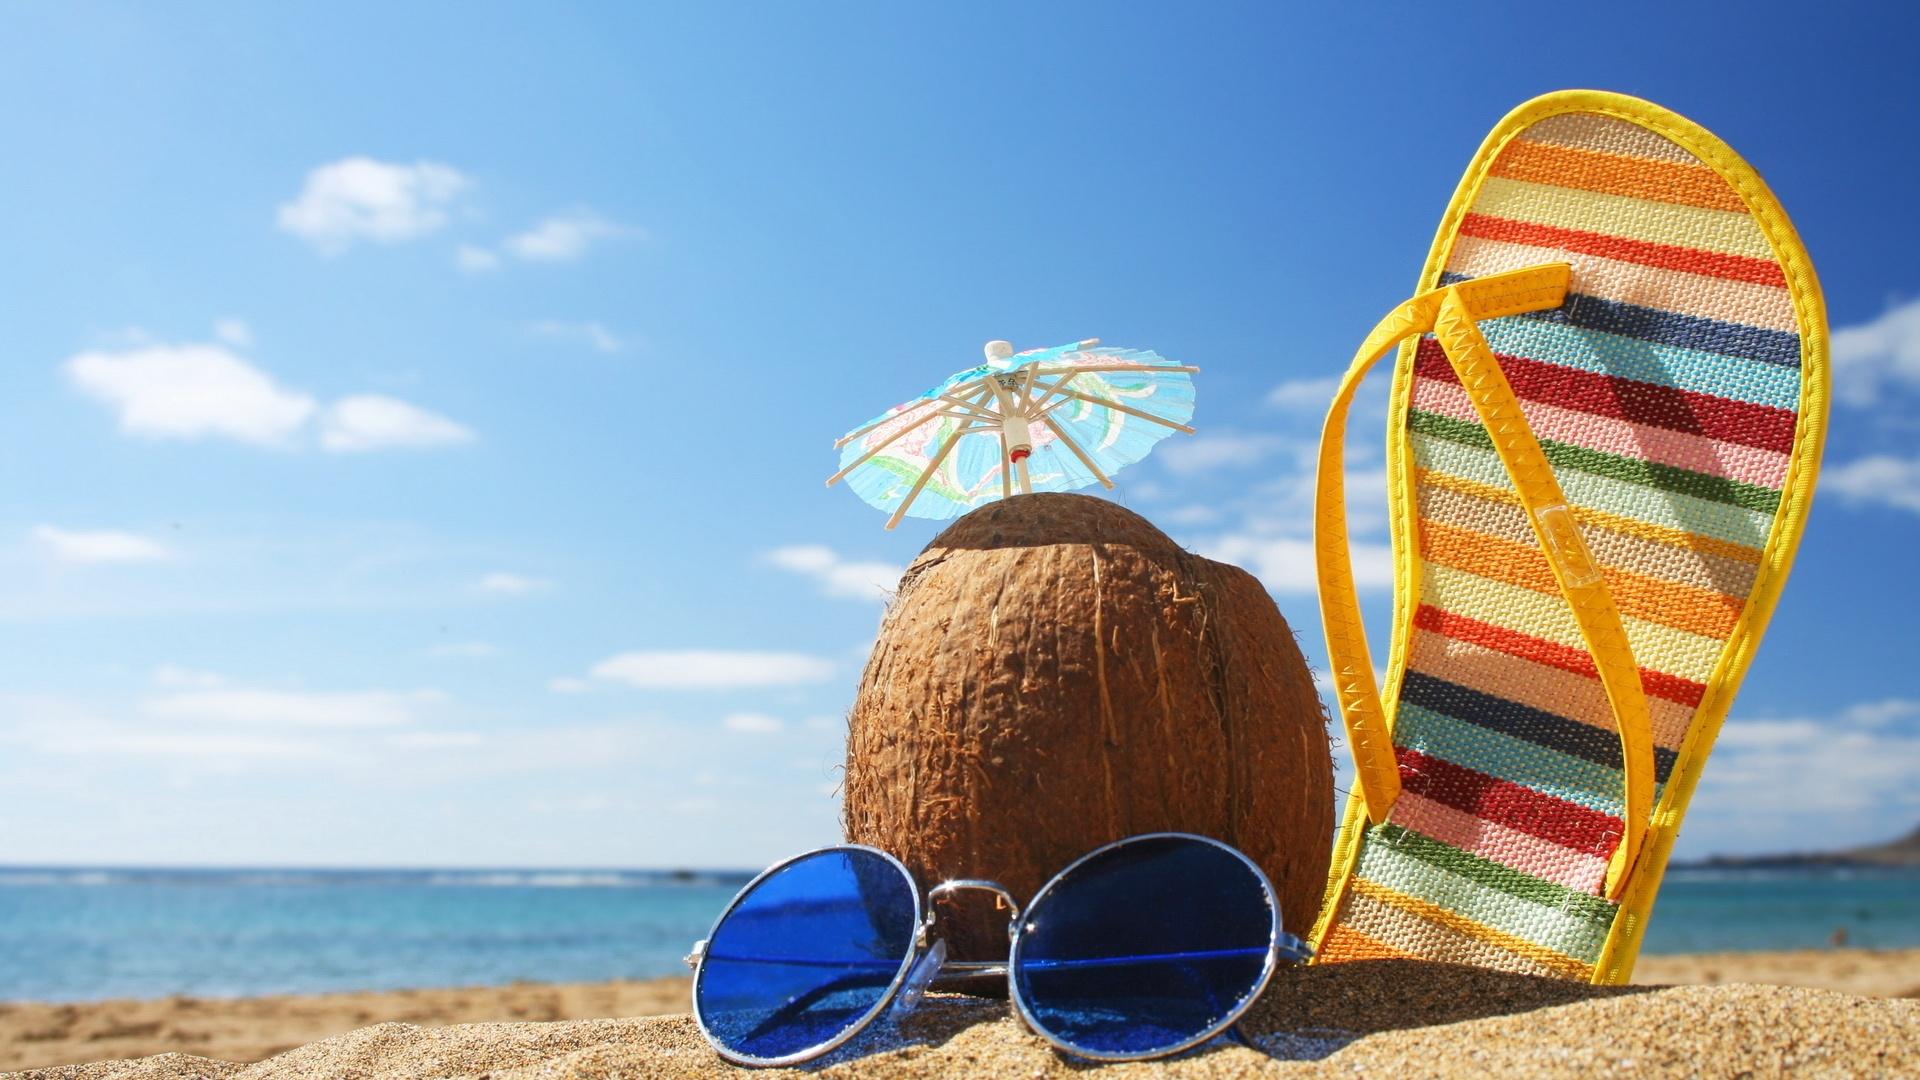 Vacaciones de Semana Santa: cómo mantenerse en forma sin privaciones